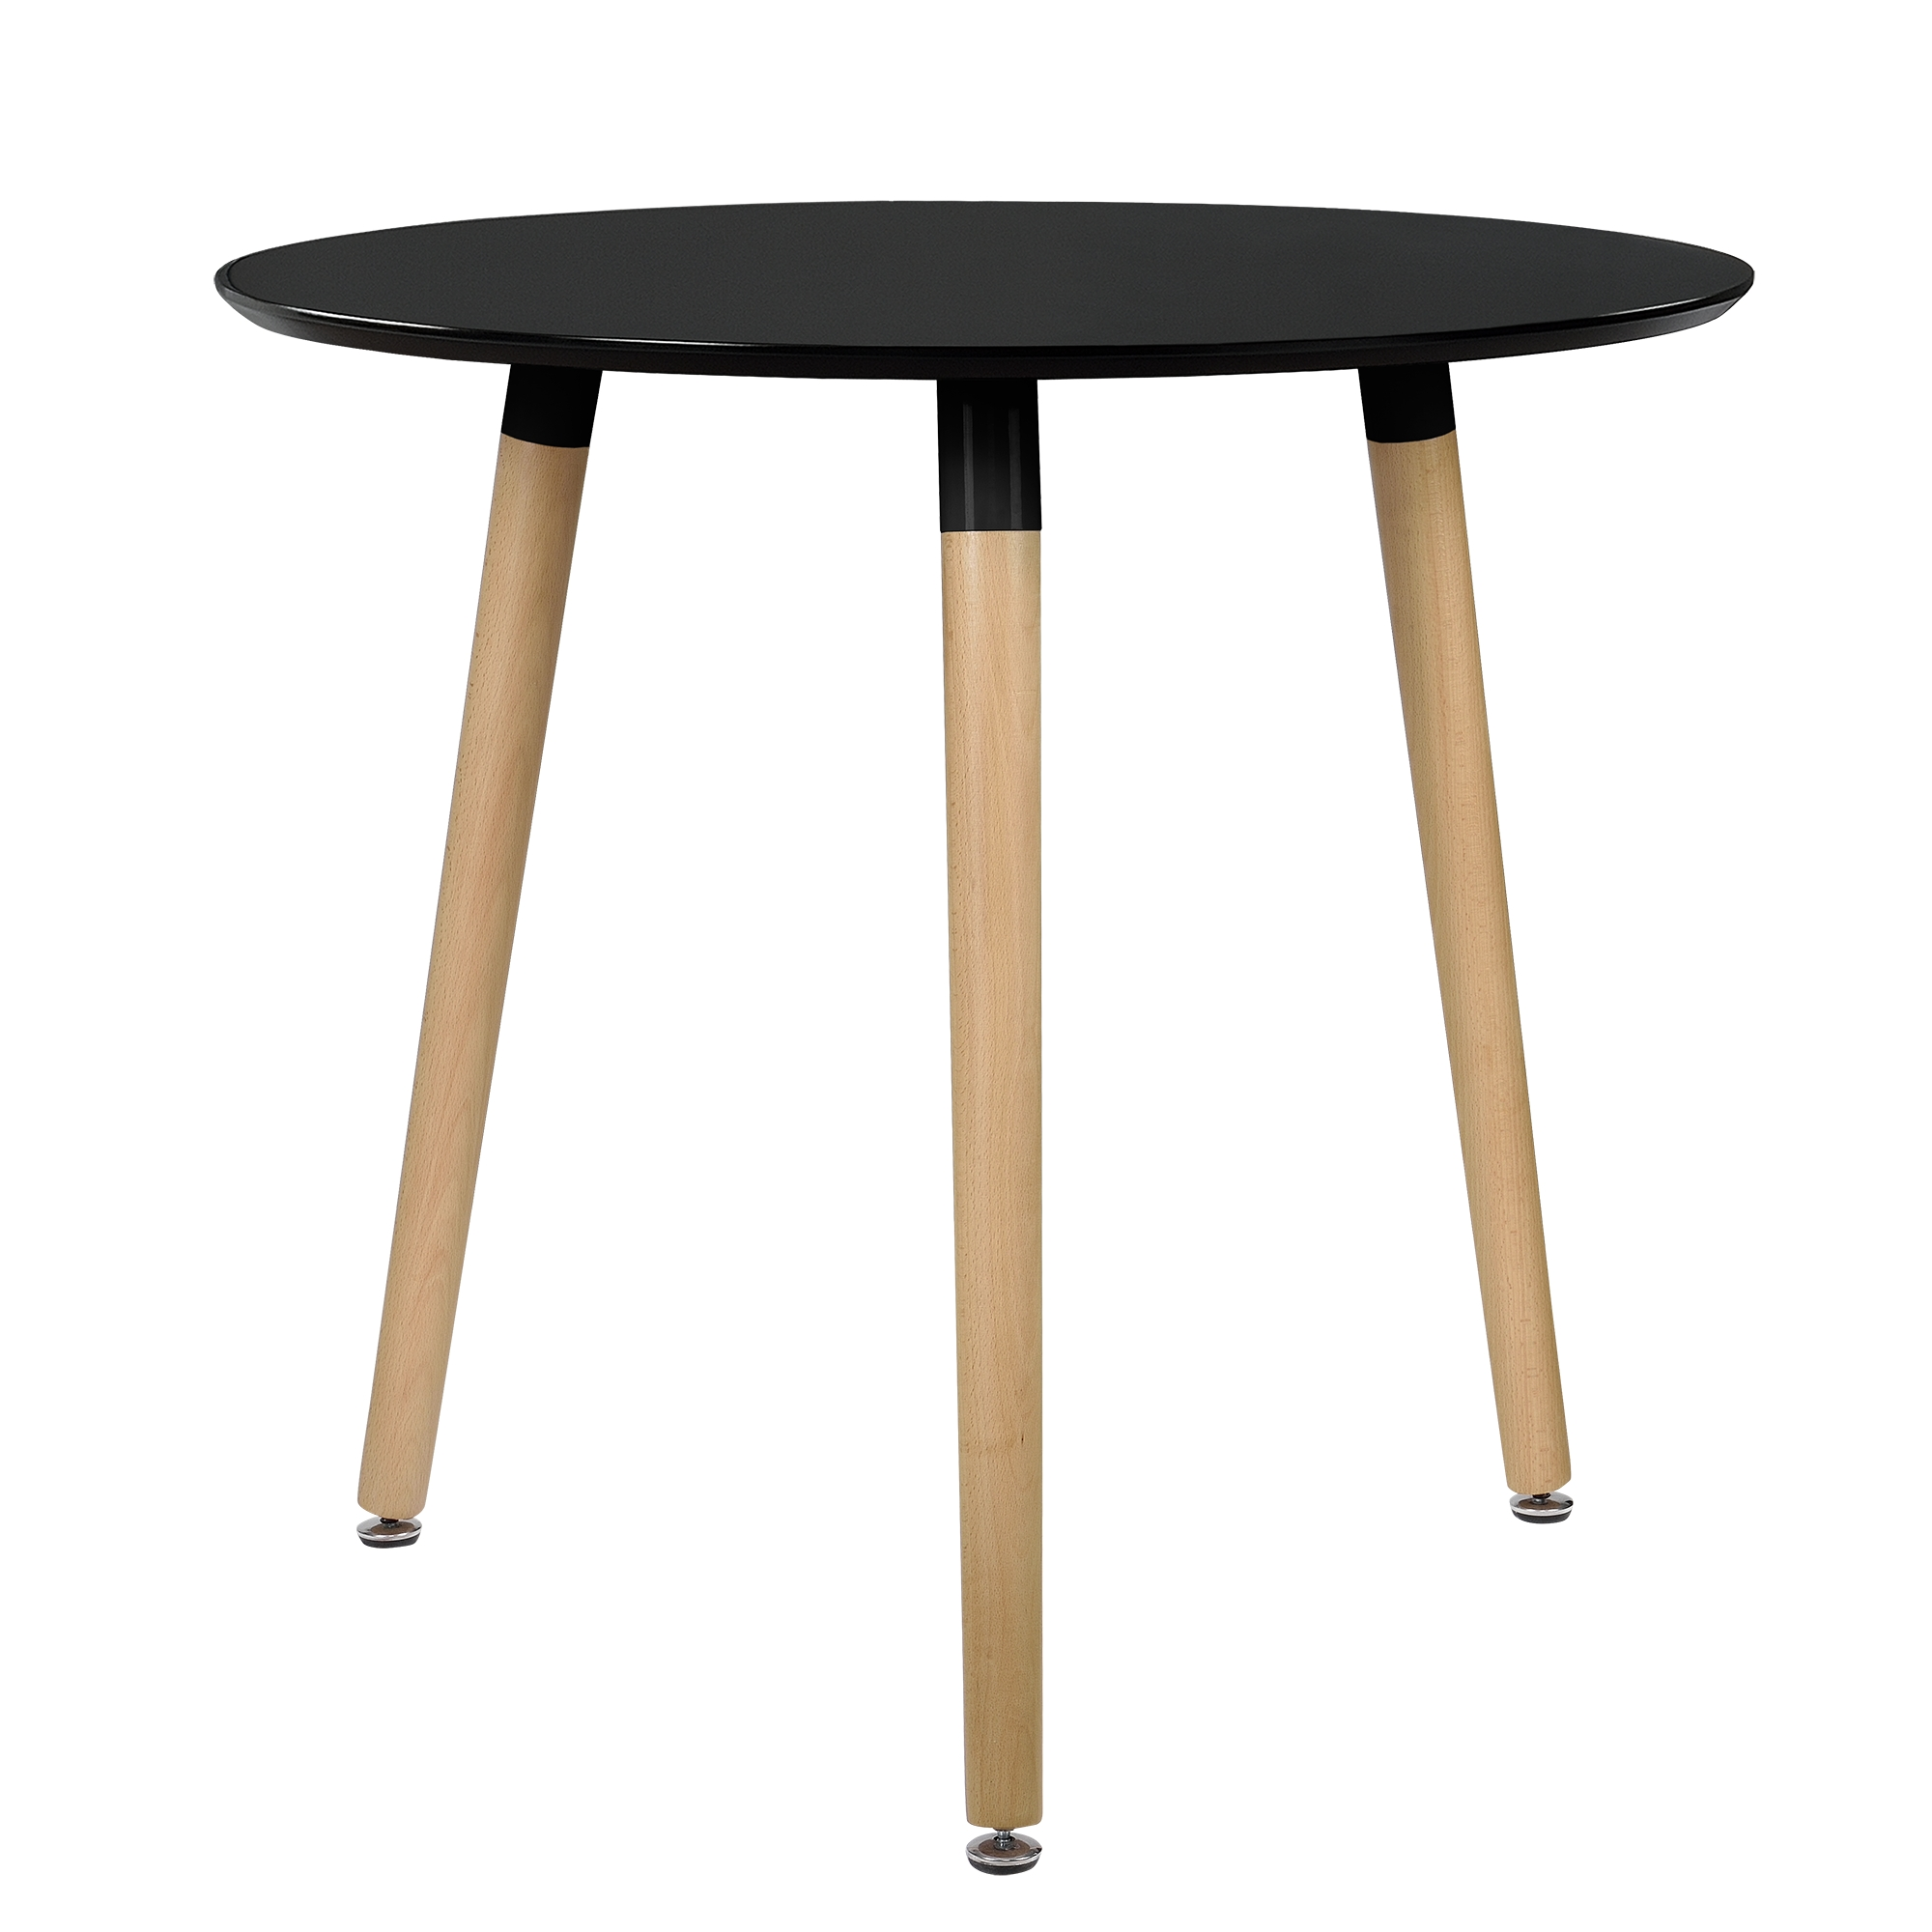 esstisch rund schwarz h 75cmx 80cm holz tisch. Black Bedroom Furniture Sets. Home Design Ideas